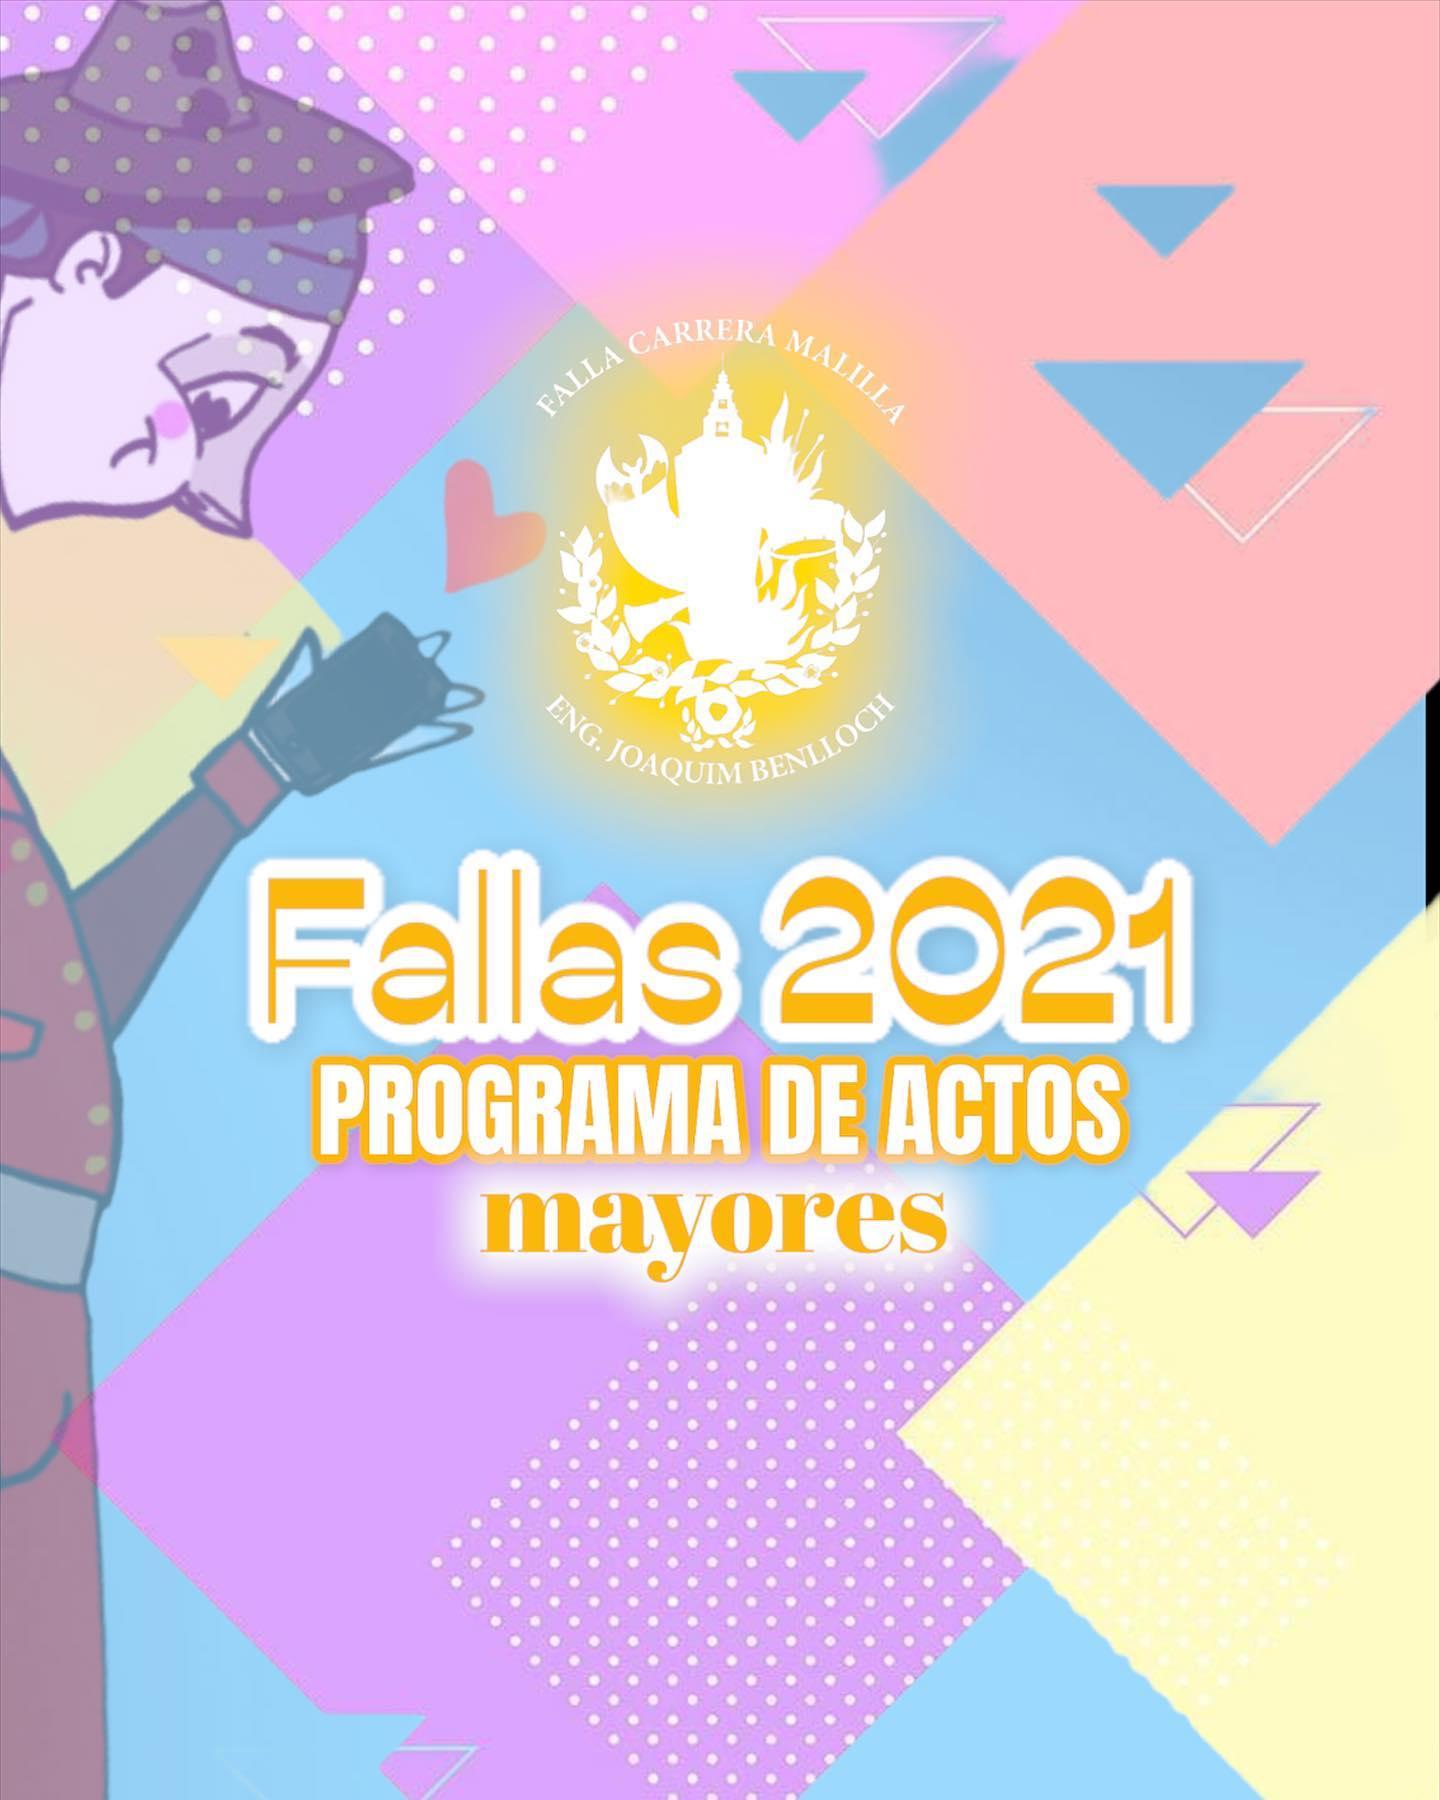 Actos Mayores Fallas 2021